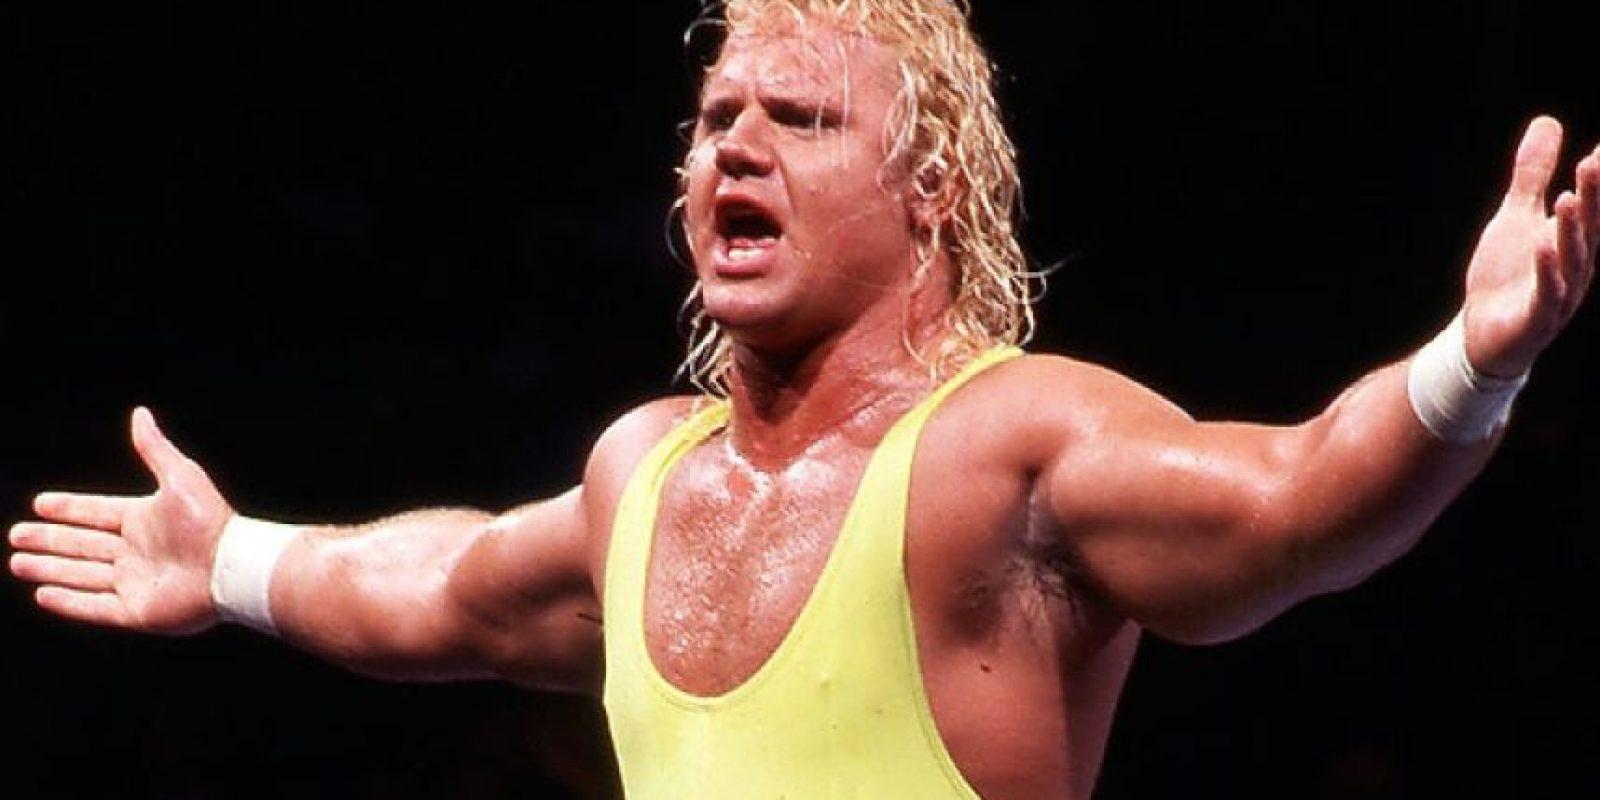 Murió en 2003 a la edad de 43 años por una sobredosis de cocaína Foto:WWE